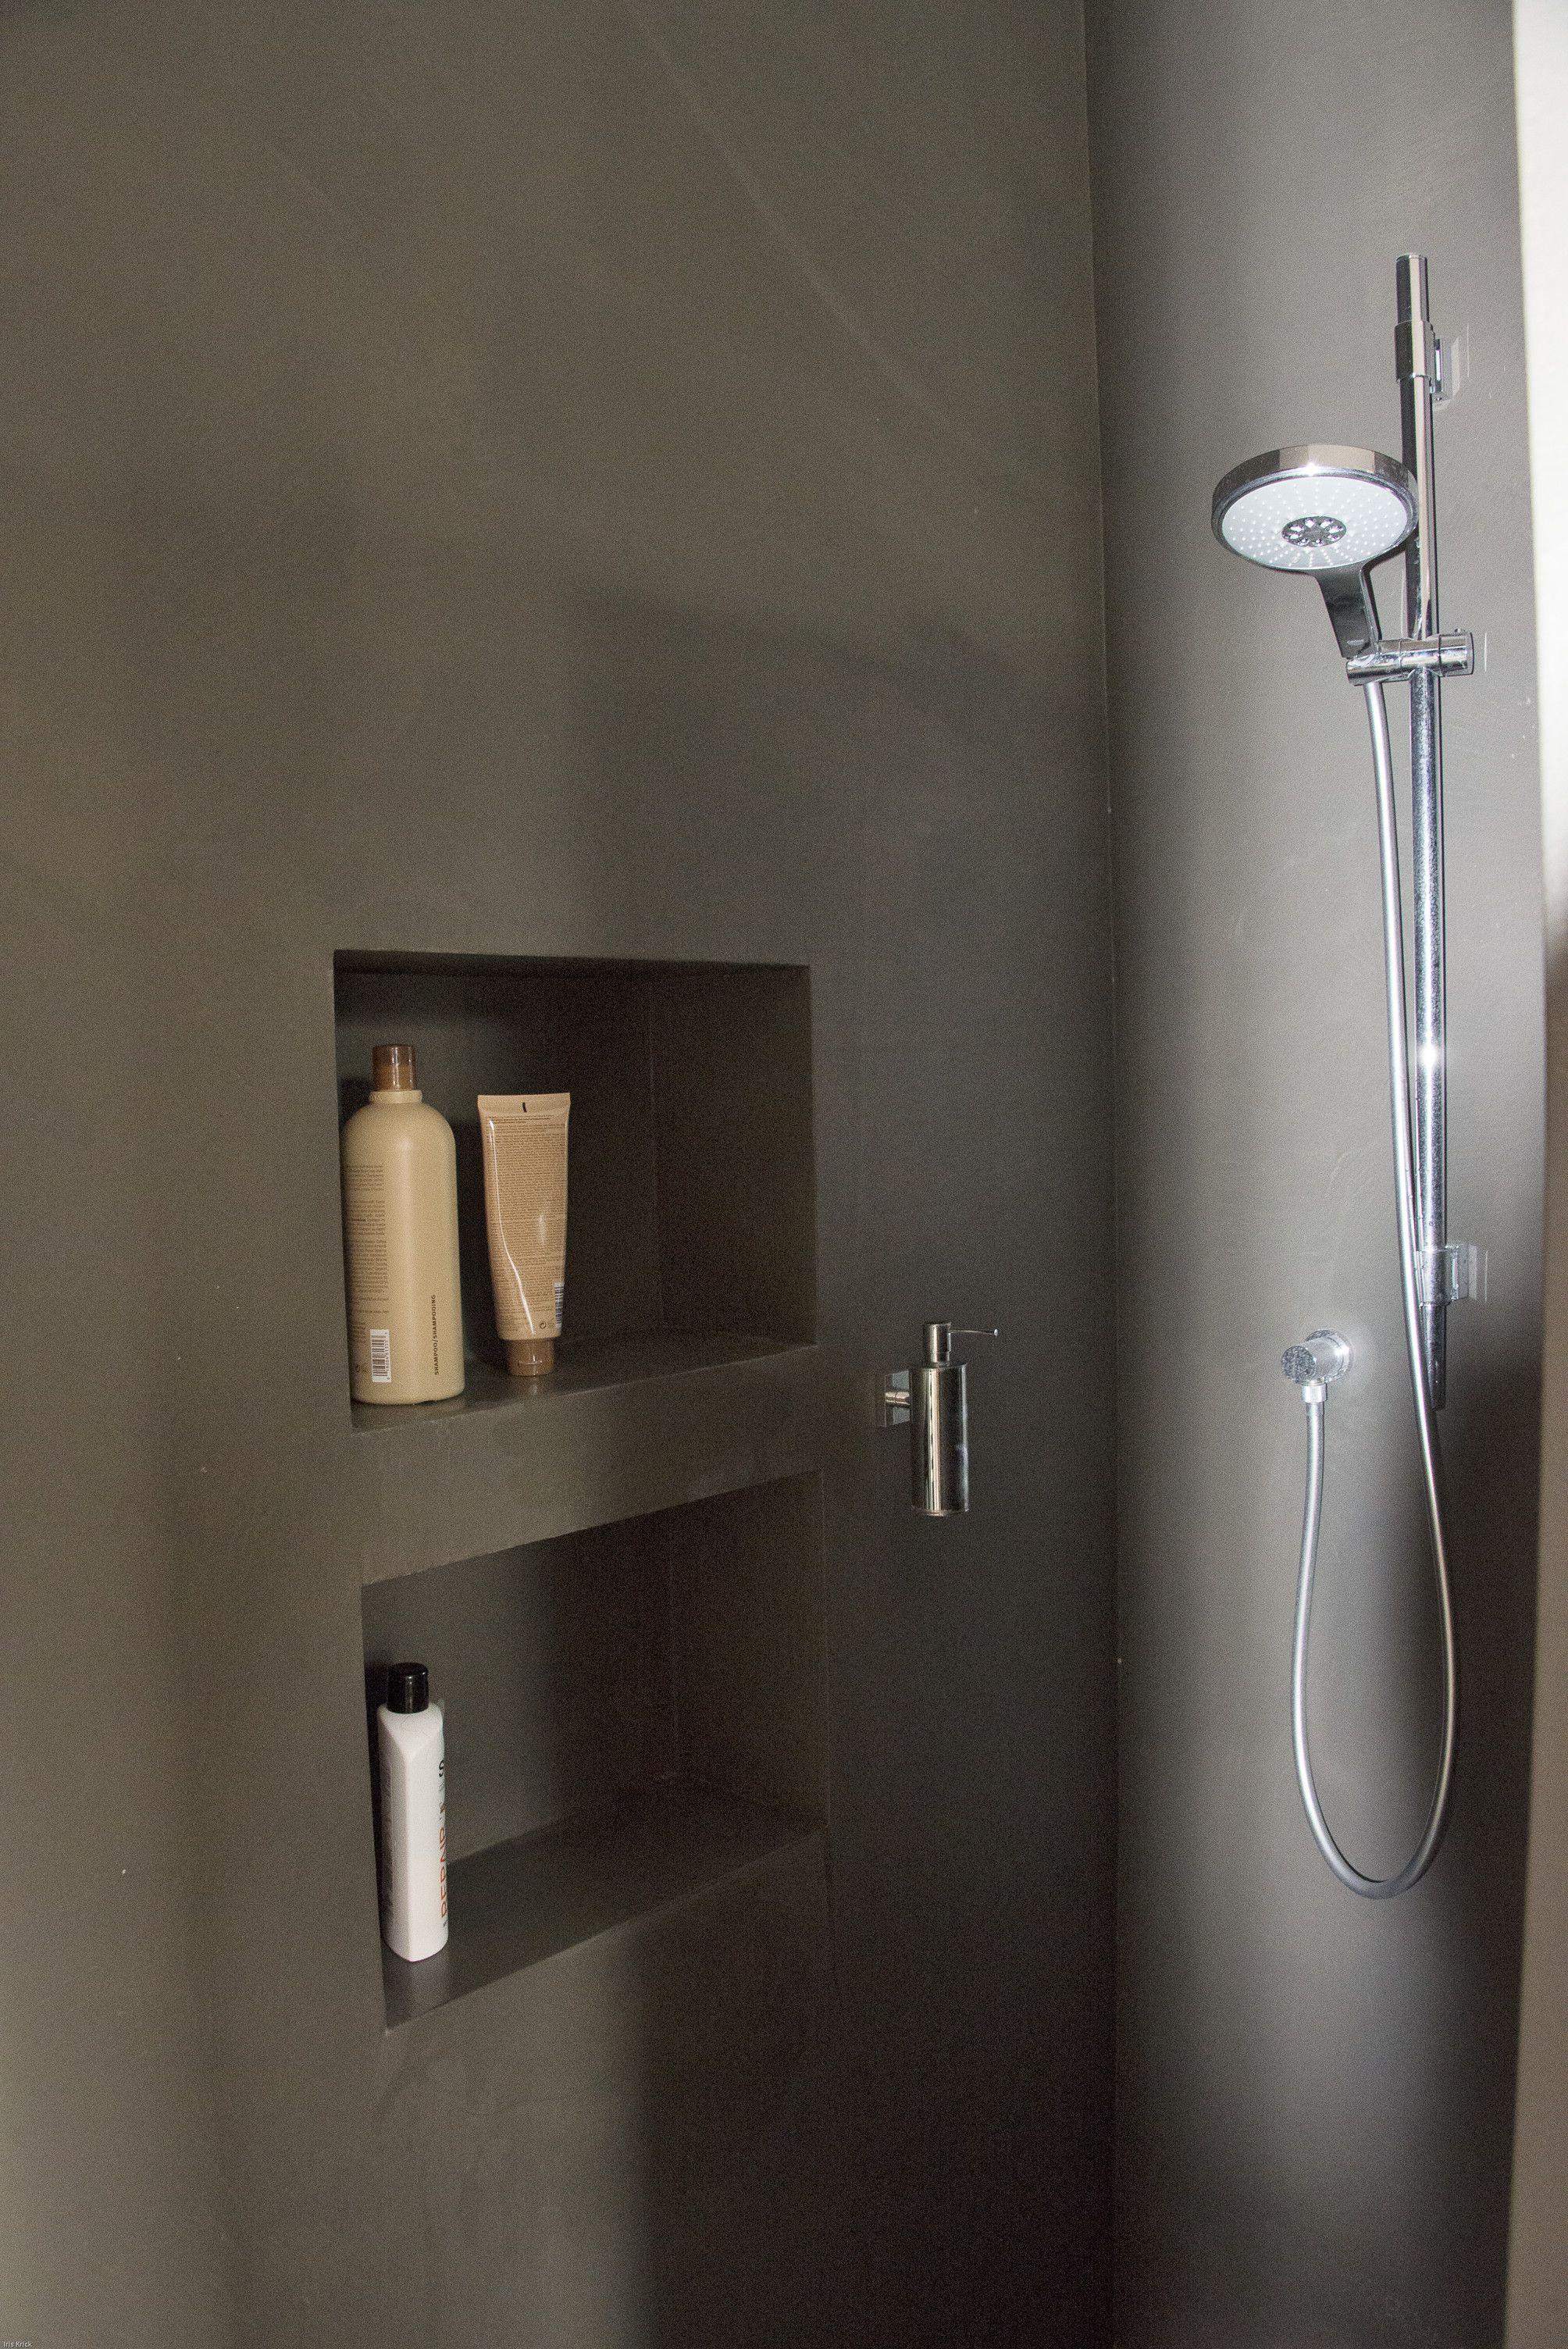 wasserfester Putz in der Dusche. Workshops zum Selberlernen unter ...